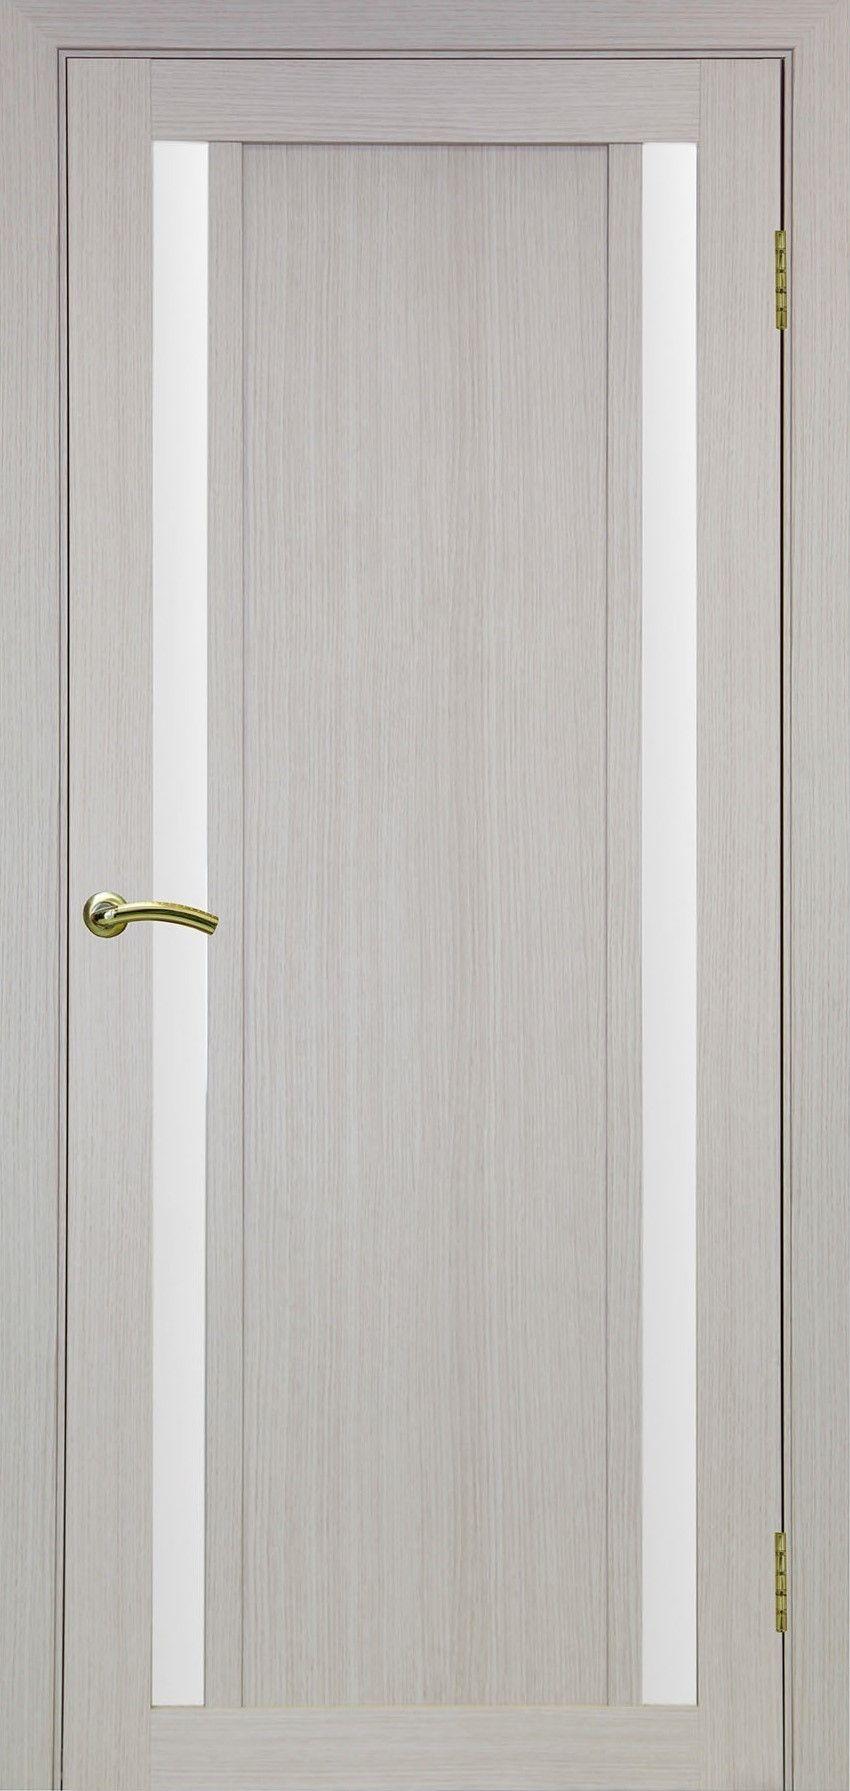 цвет беленый дуб фото дверей сразу привлекала внимание